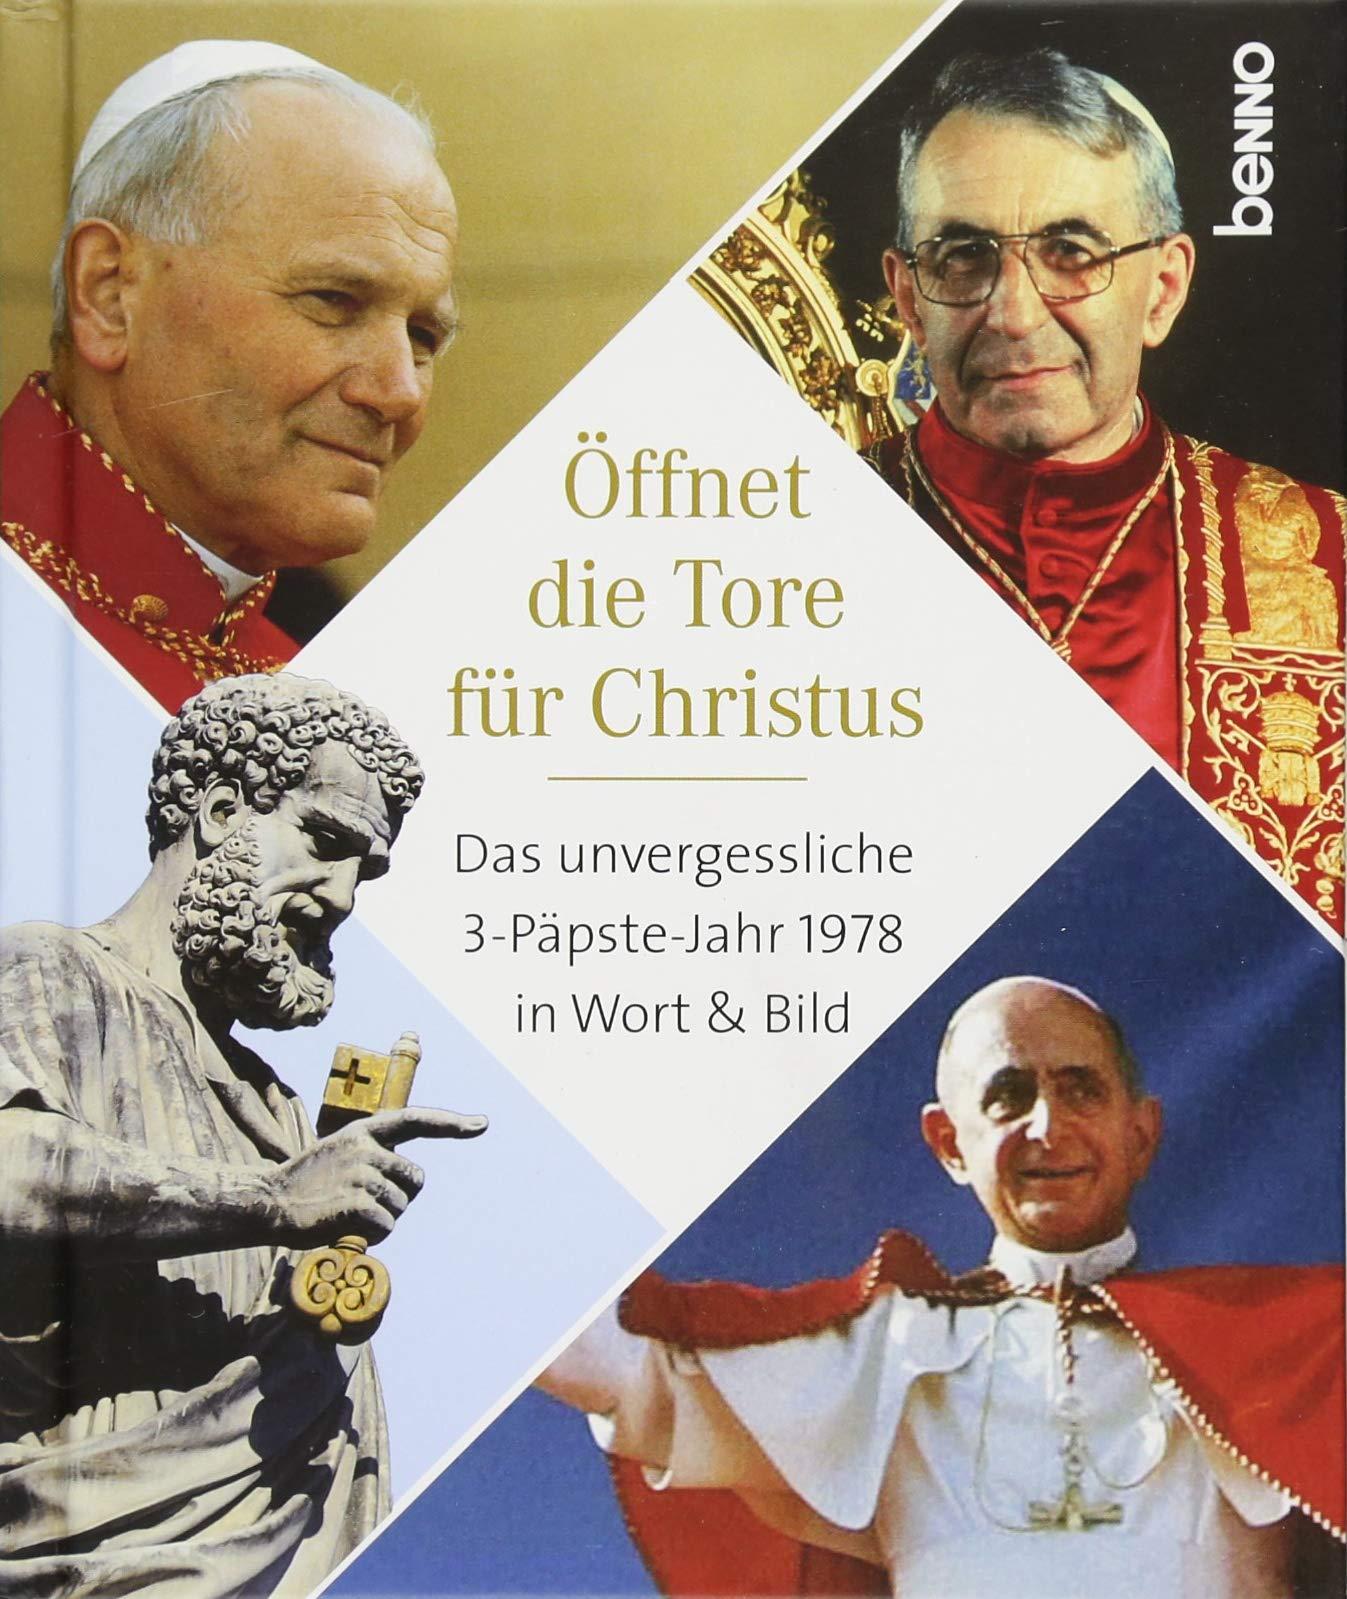 Öffnet die Tore für Christus: Das unvergessliche 3-Päpste-Jahr 1978 in Wort & Bild Gebundenes Buch – 19. Juni 2018 Paul VI. Johannes Paul I. Johannes Paul II. Volker Bauch